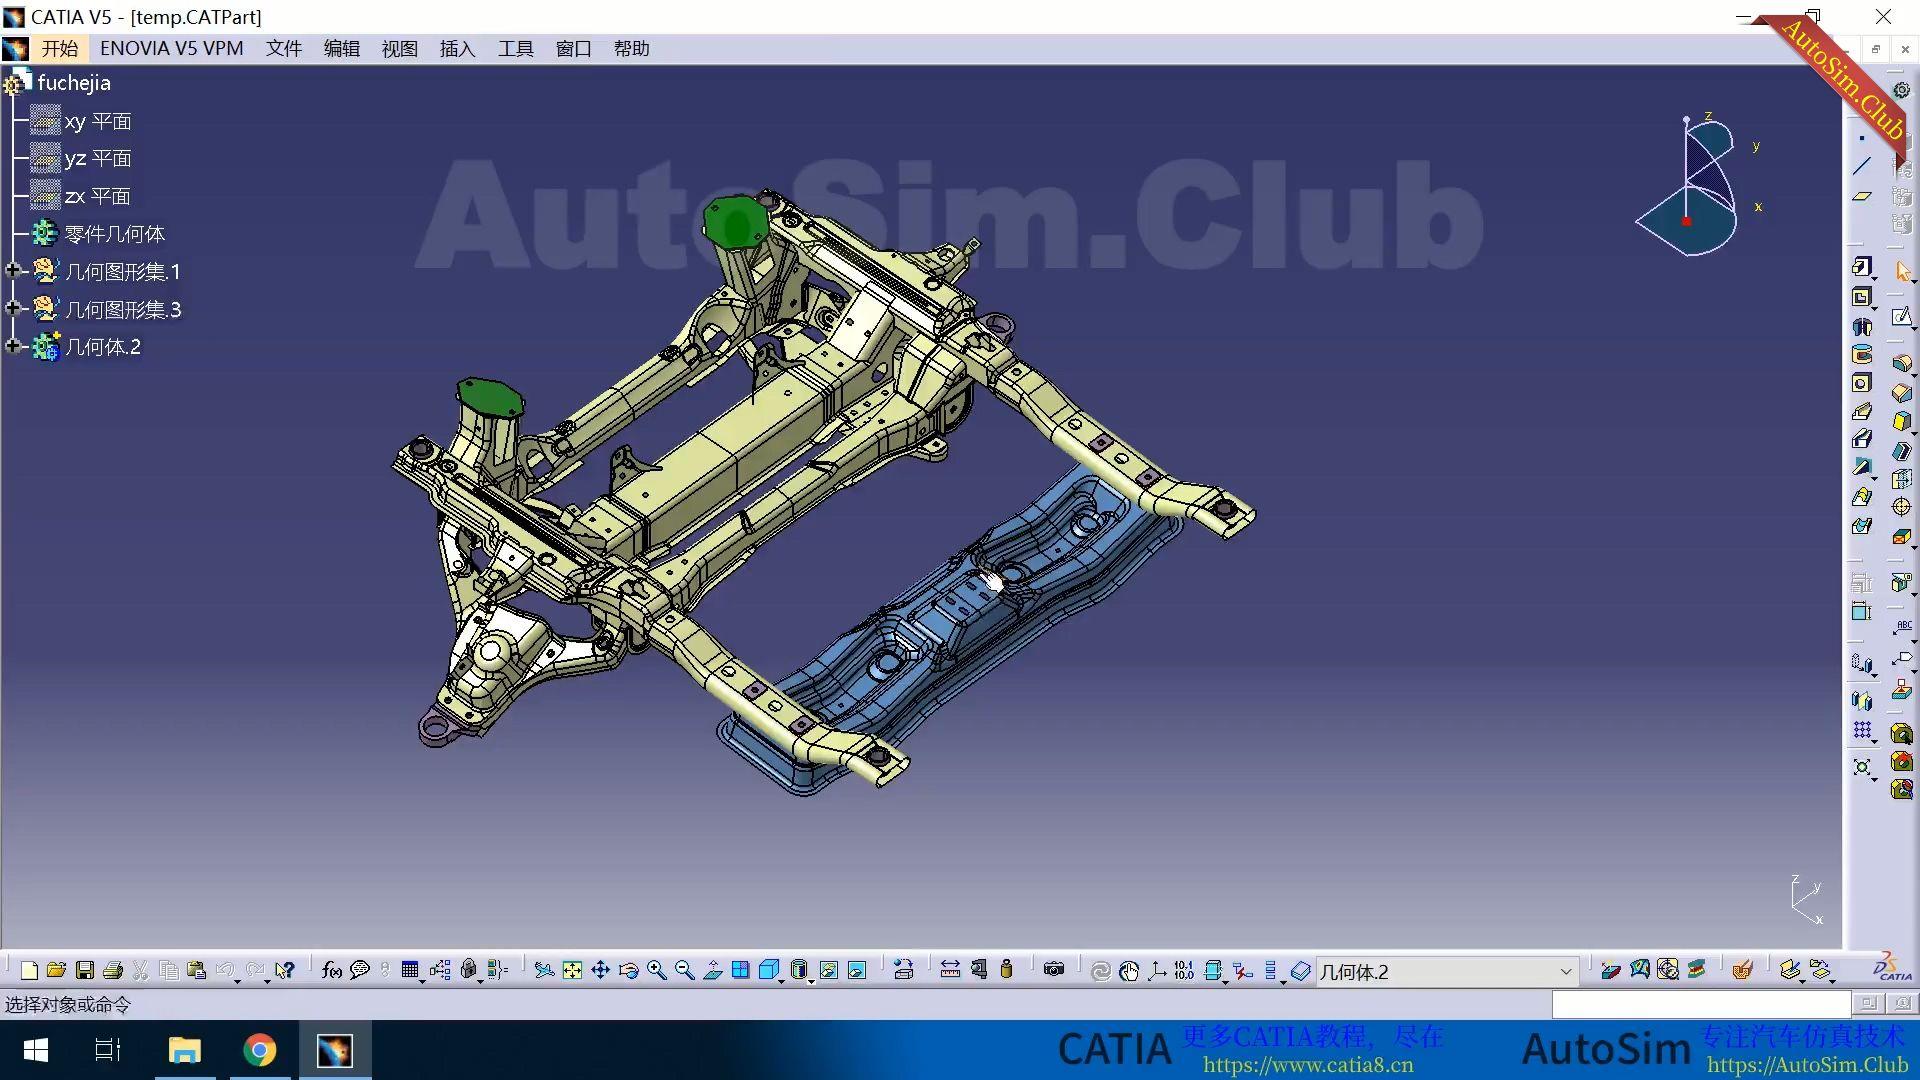 演示副车架整体数模,解释后横梁设计背景